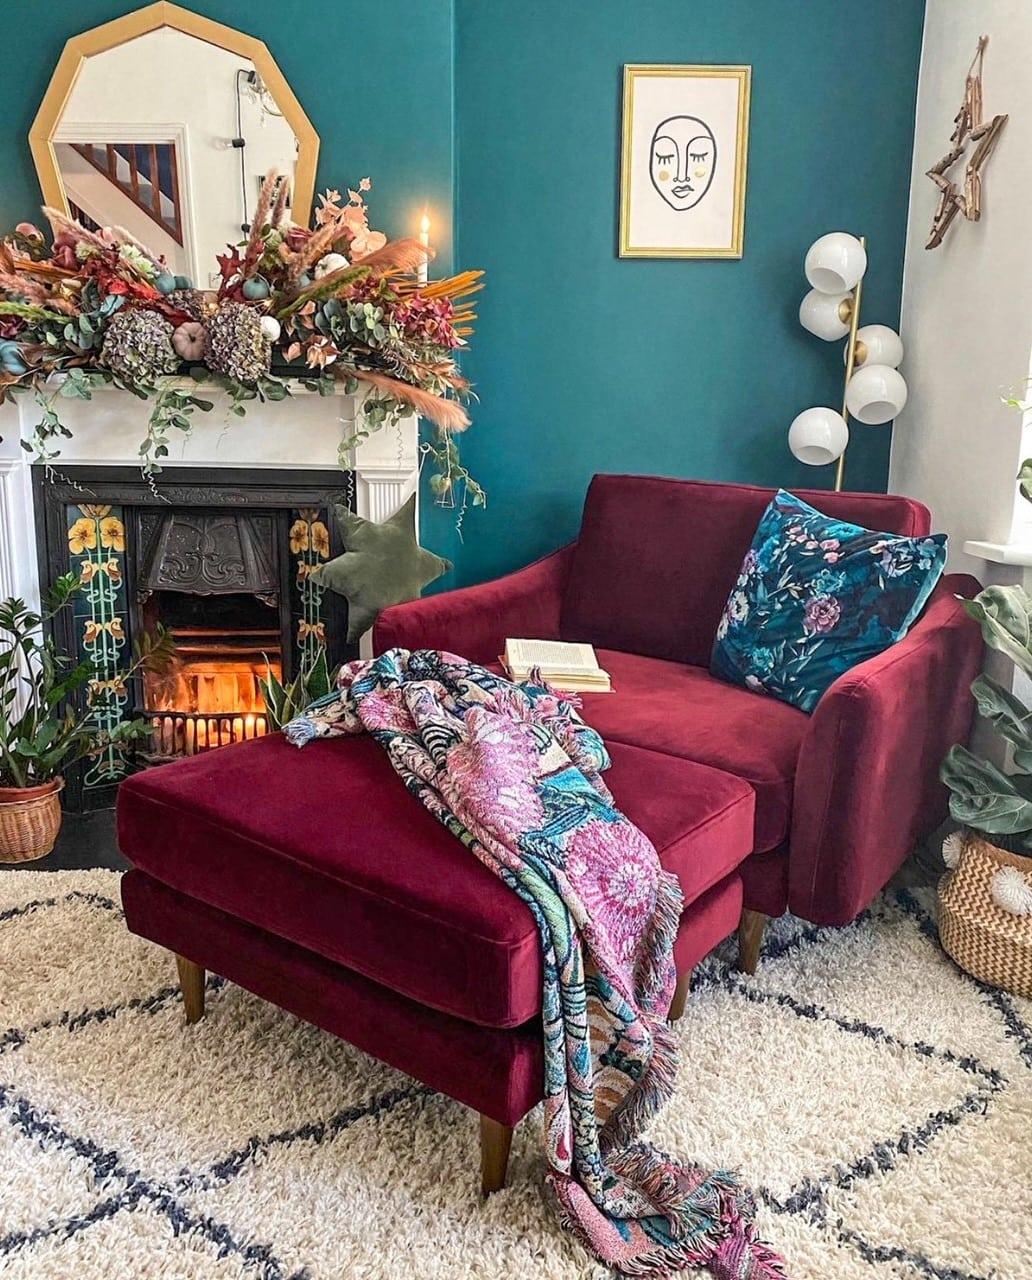 sofá vermelho, lareira e parede verde na sala de estar